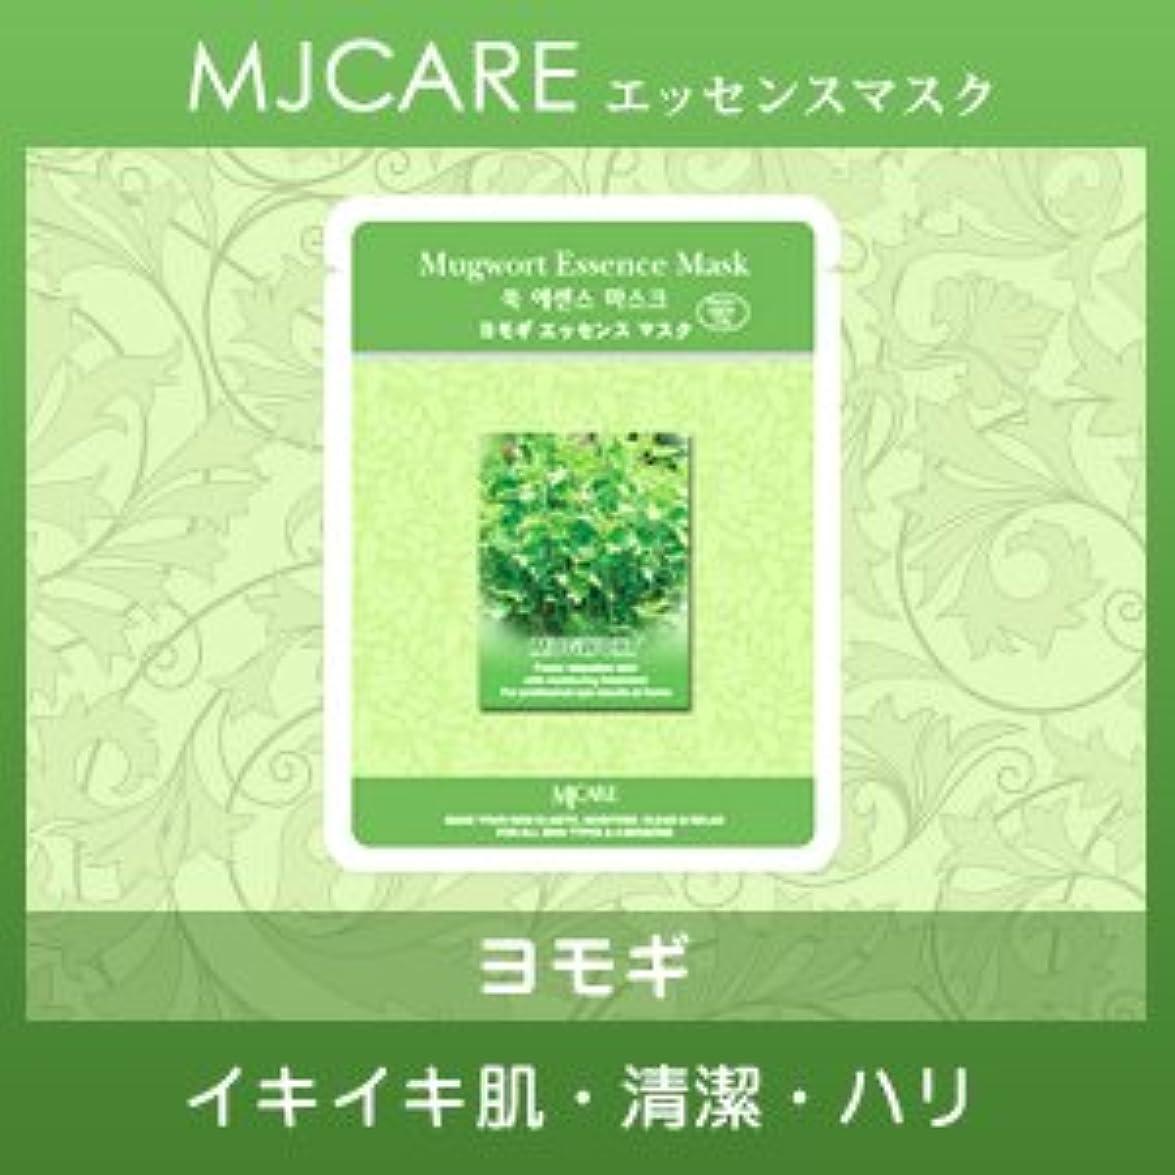 うぬぼれ提供されたギャロップMJCARE (エムジェイケア) ヨモギ エッセンスマスク